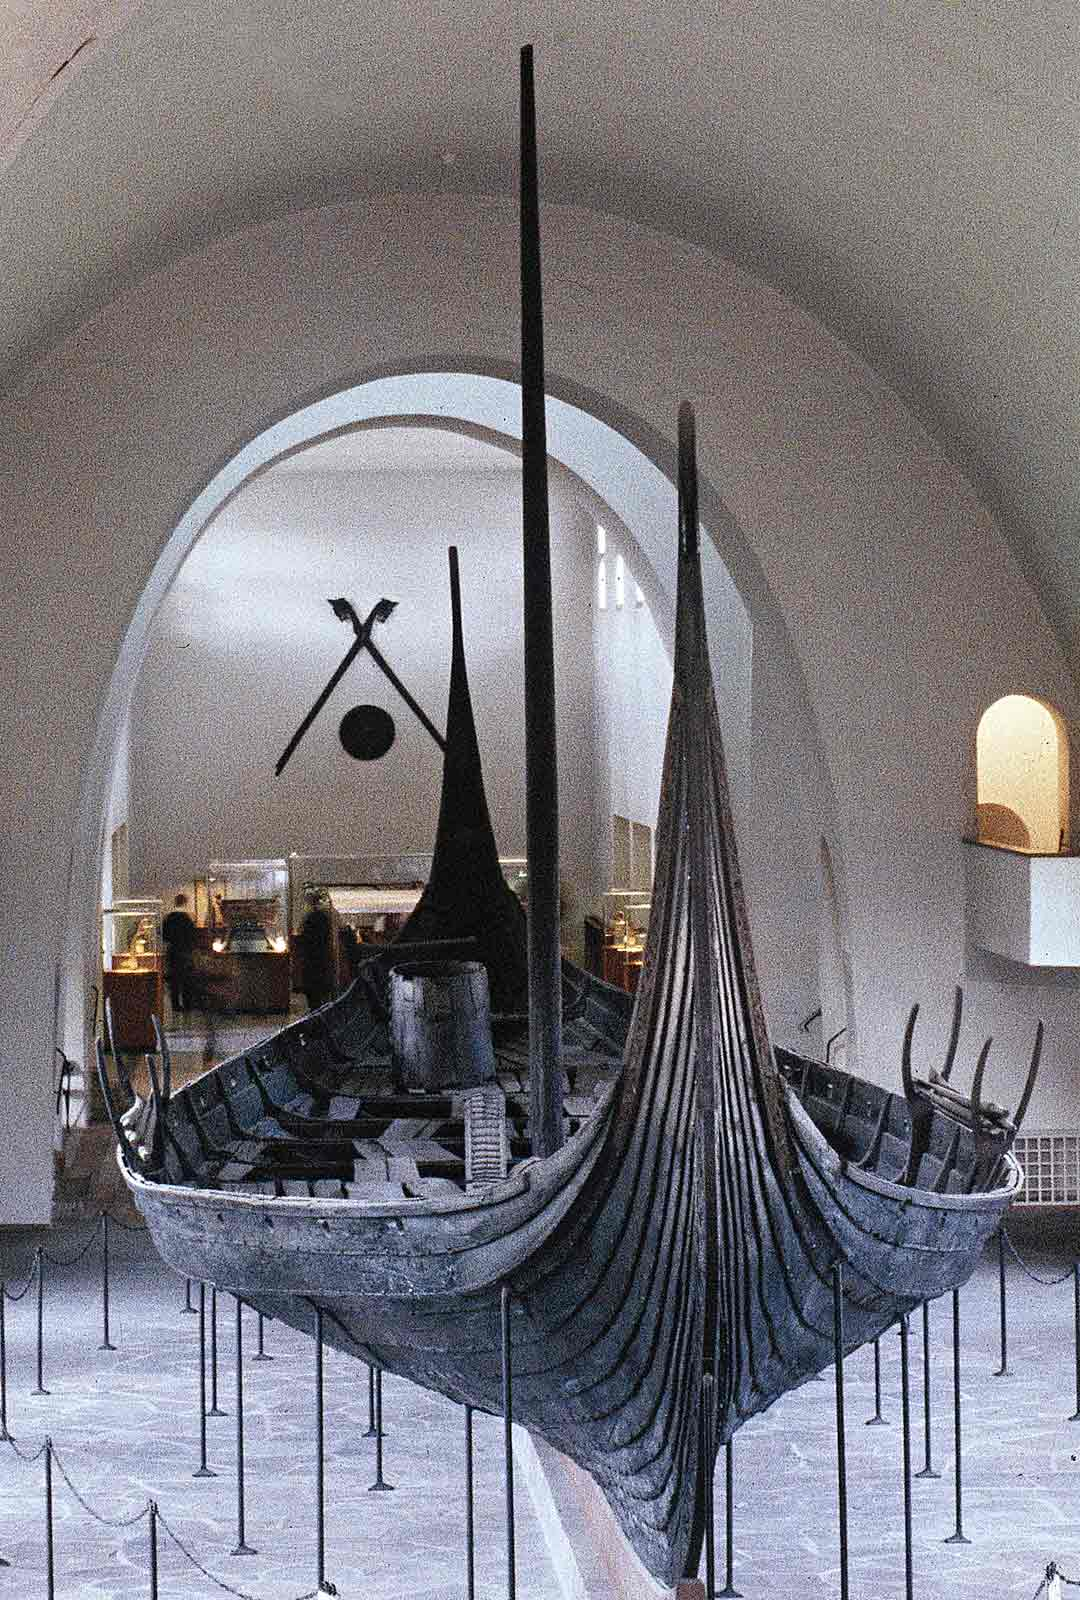 Viikinkimuseo